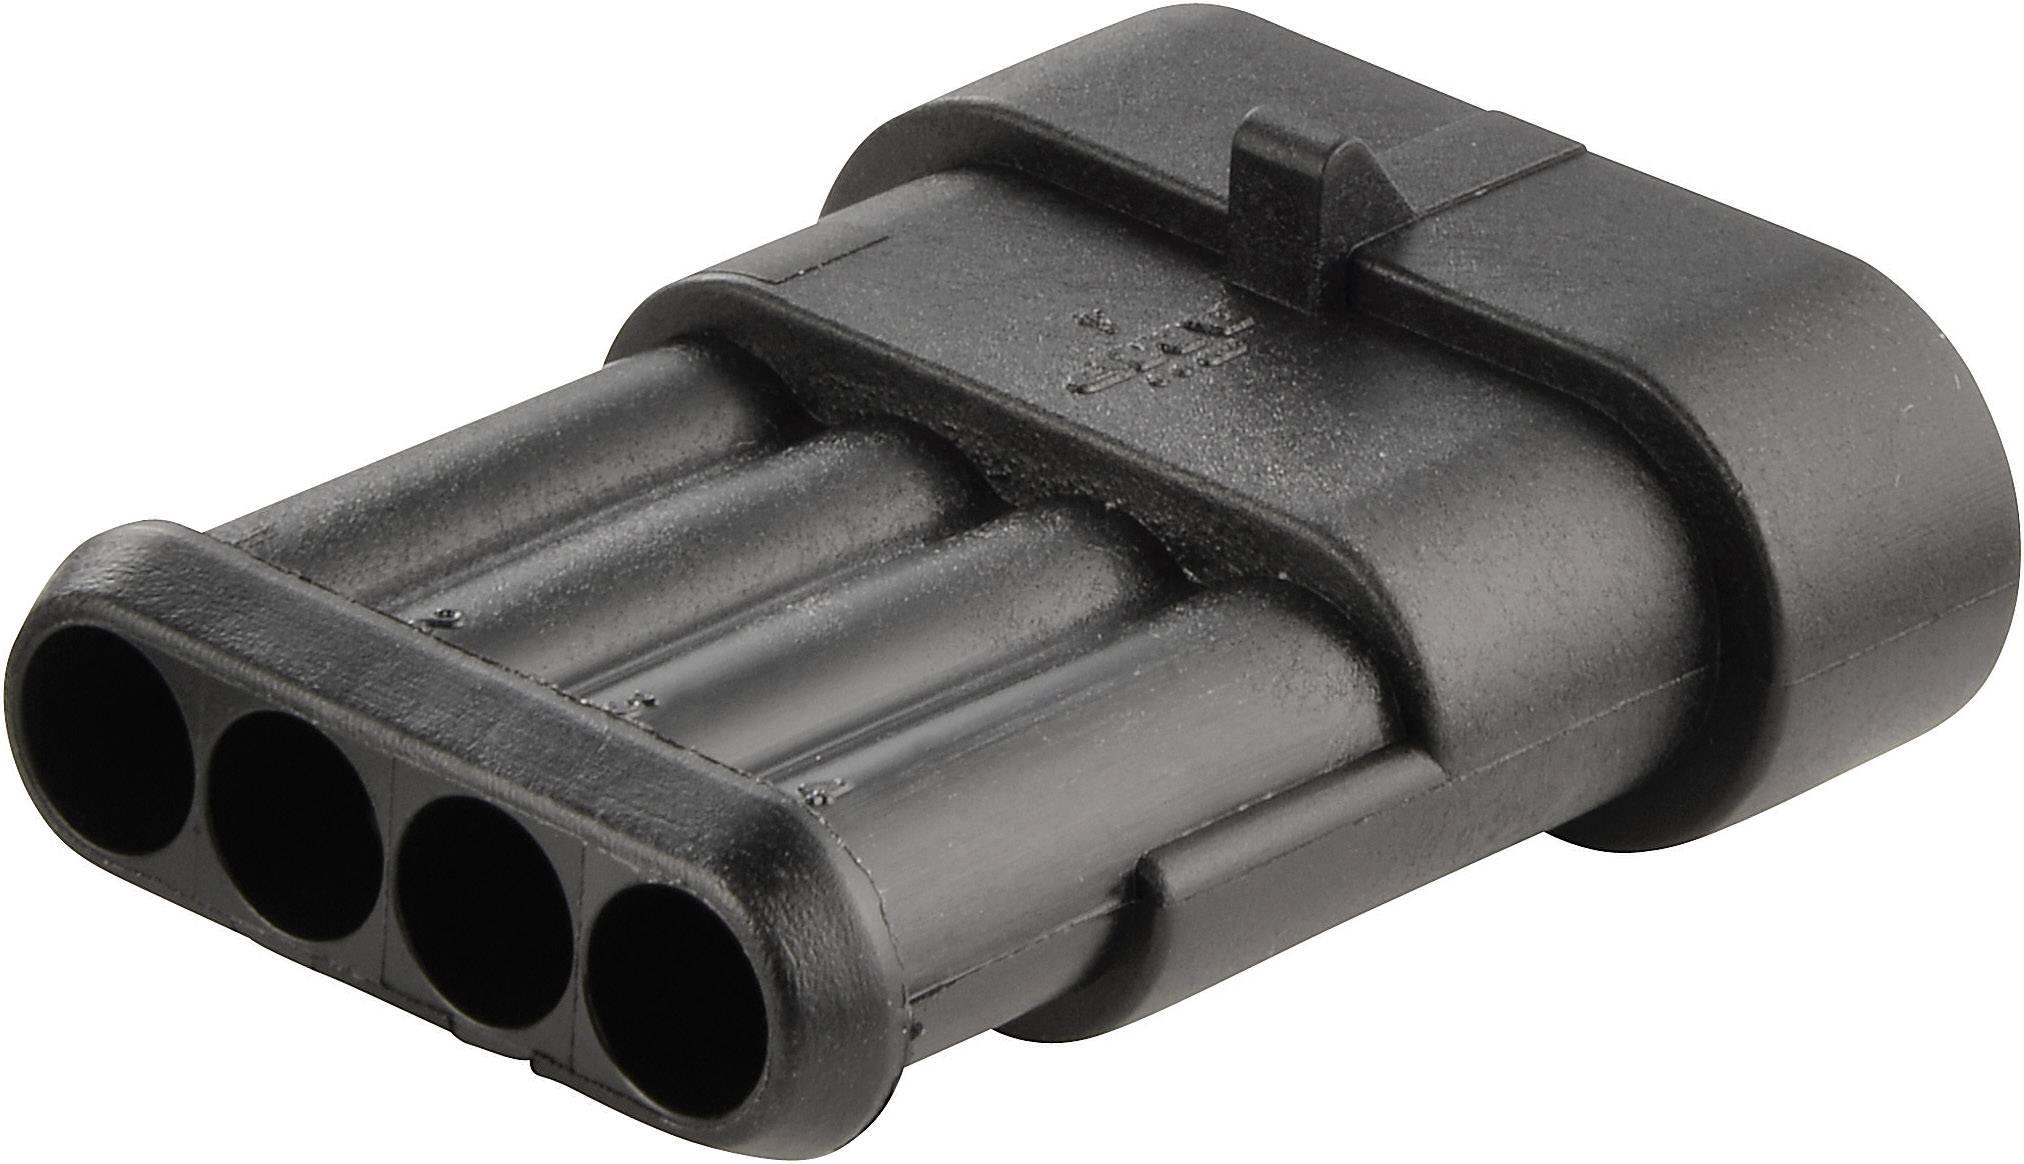 Zásuvkové púzdro na kábel TE Connectivity 282106-1, počet pólov 4, raster 6 mm, 1 ks